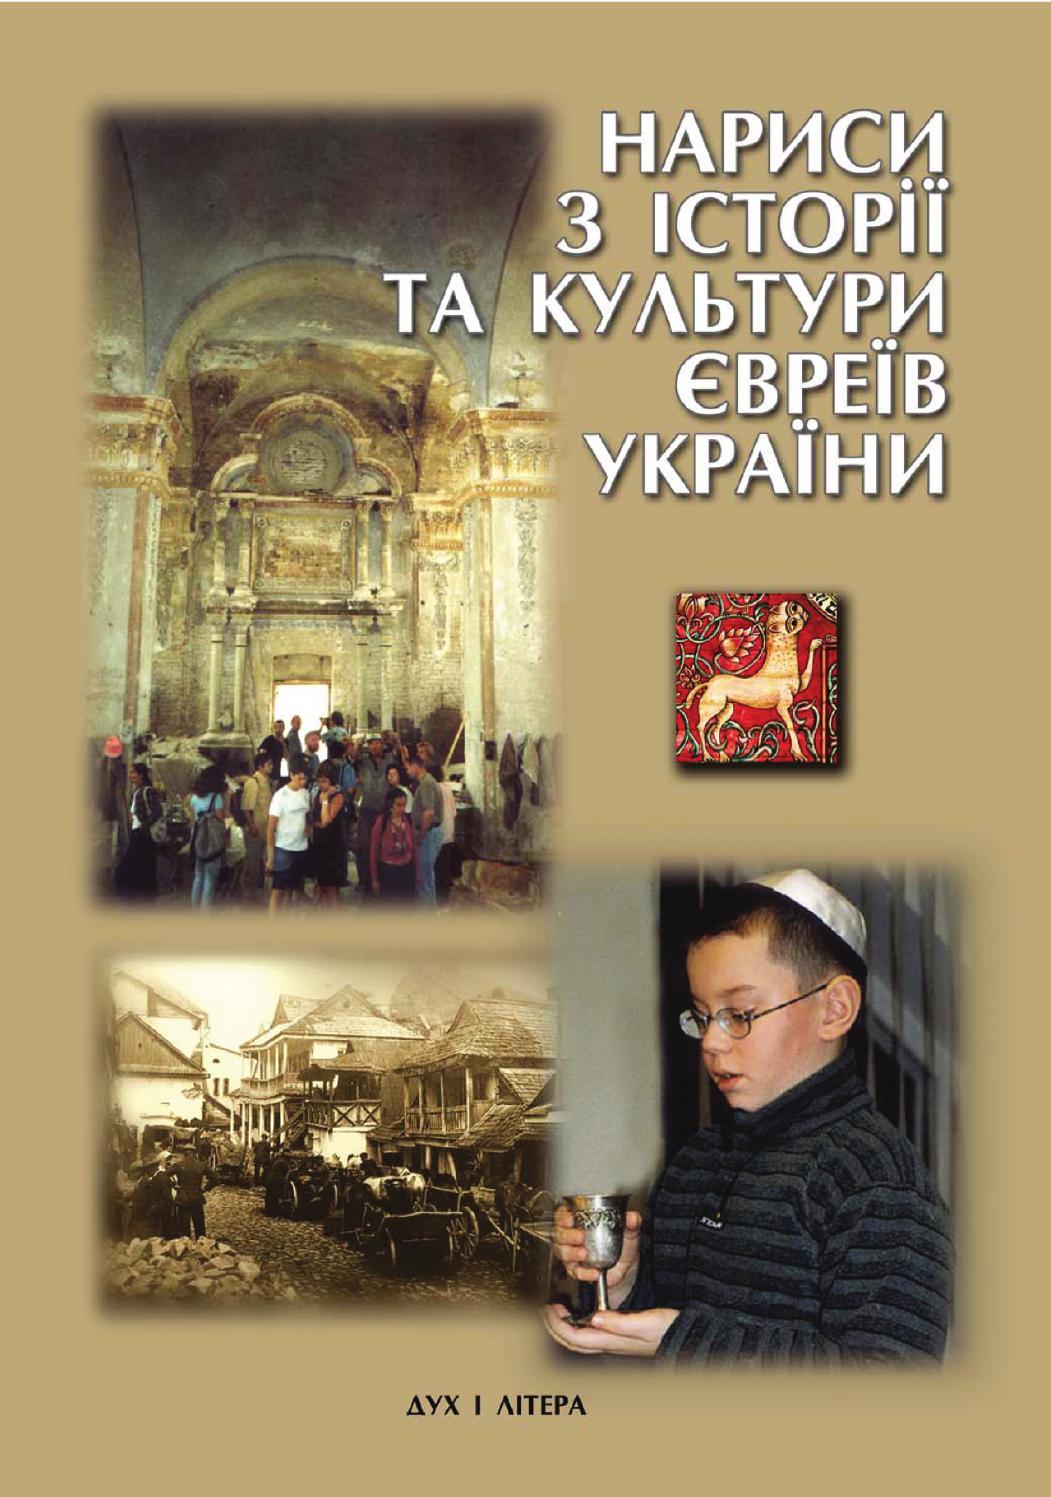 Нариси з історії та культури євреїв України